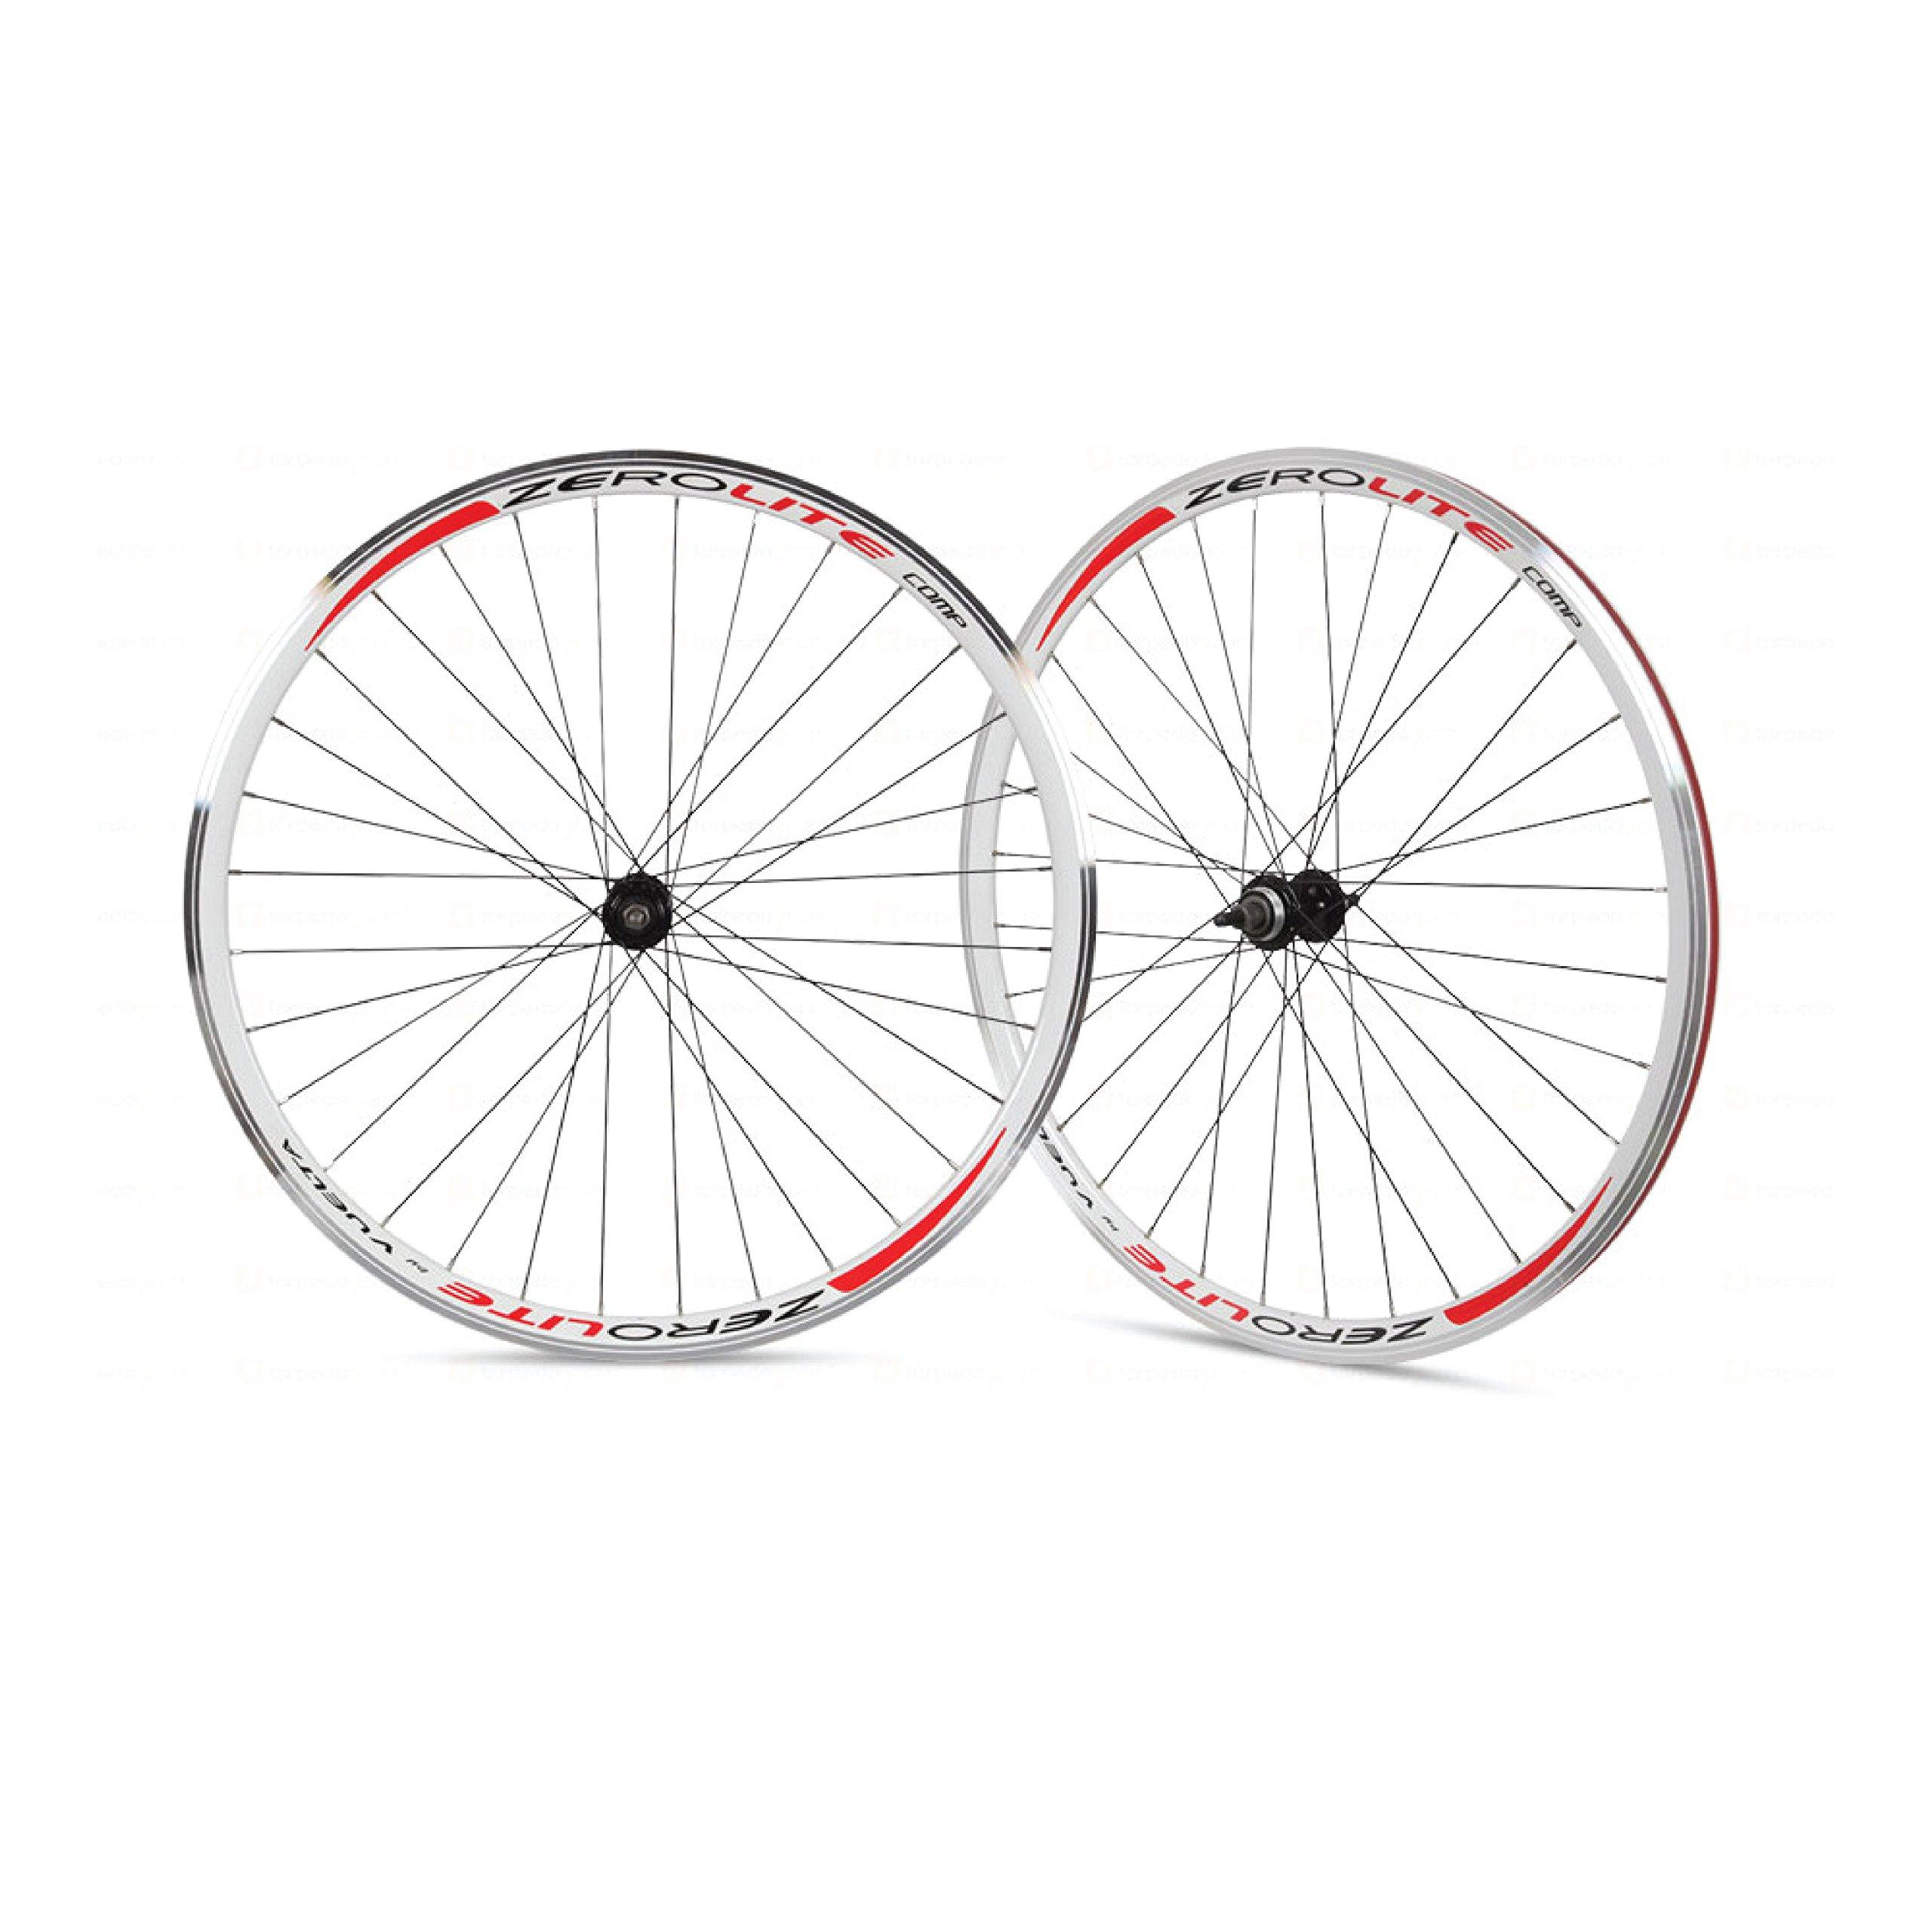 Vuelta ZeroLite Track Comp 700C Wheel Set (White) by Vuelta